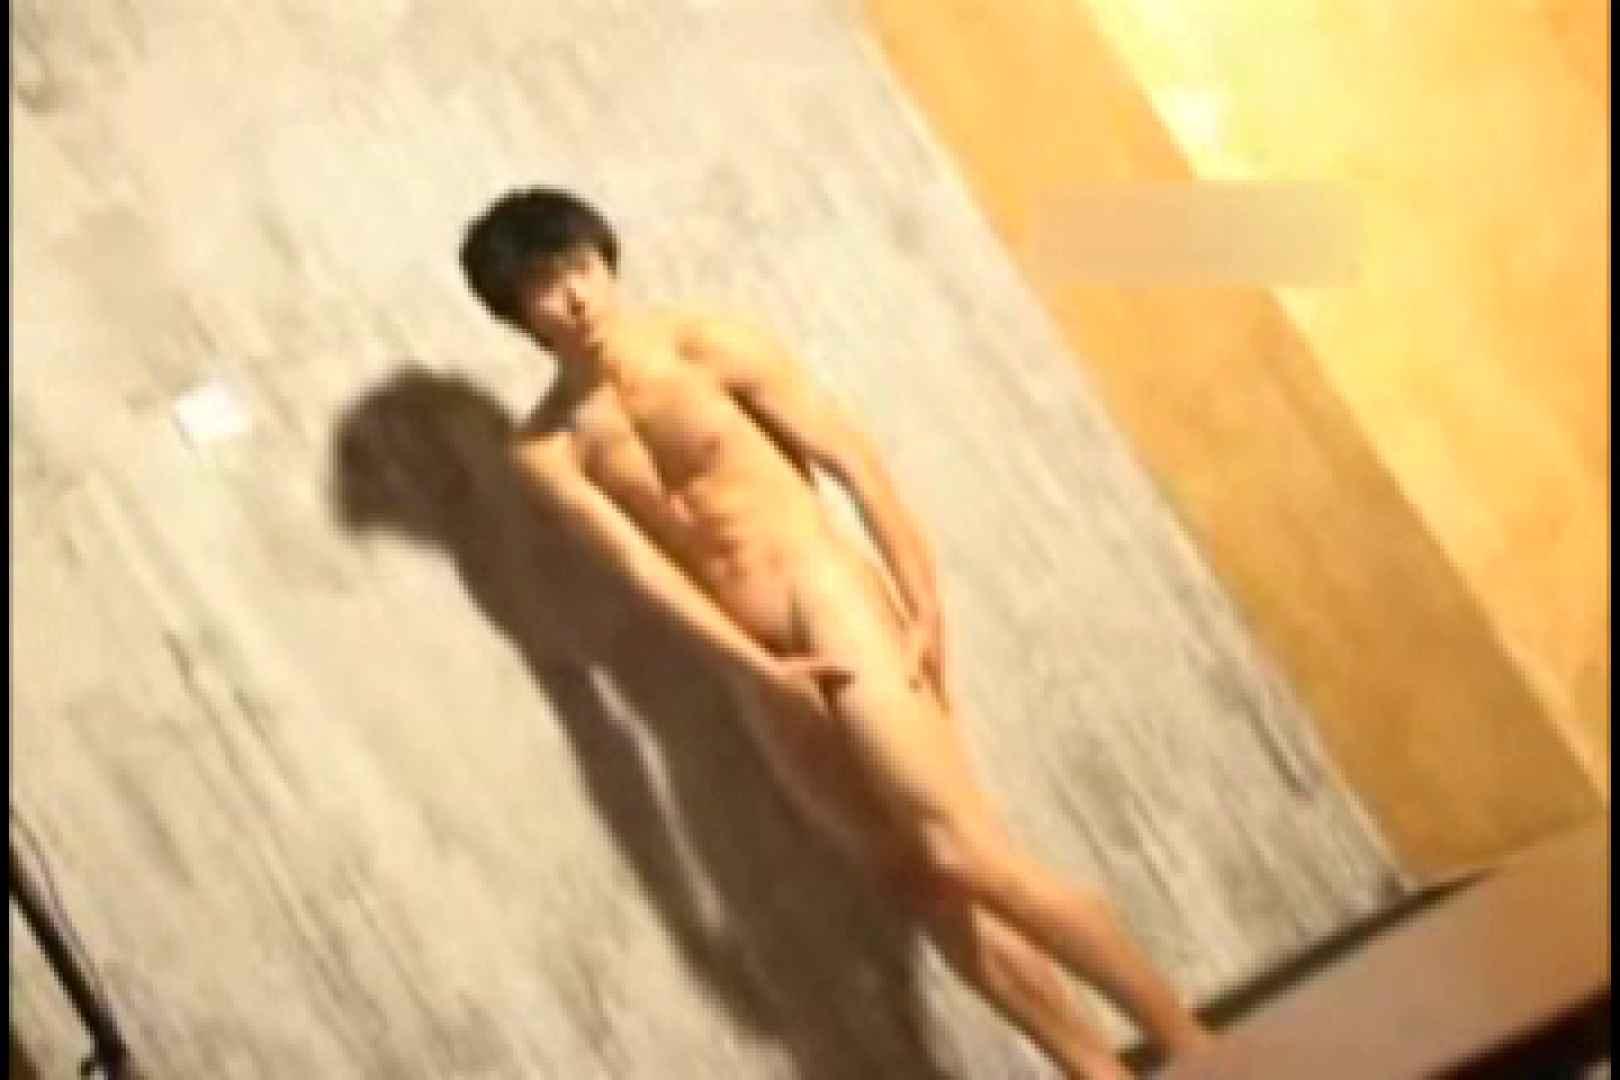 流出!!中出スーパーモデルya● jin hao 流出 ゲイSEX画像 74枚 40